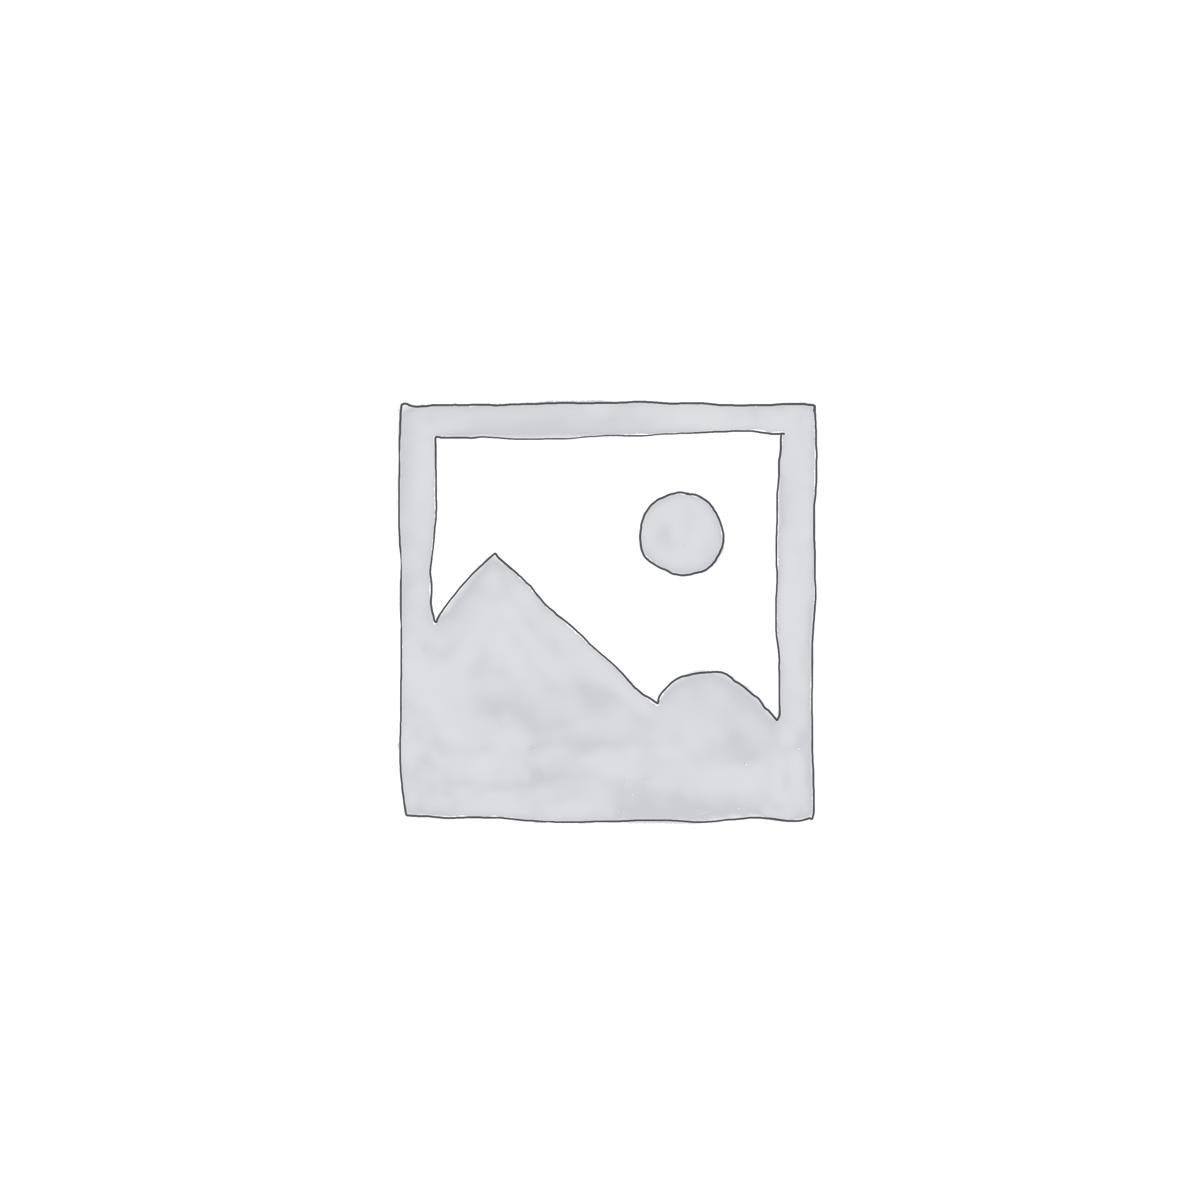 Tempur-Pedic TEMPUR-Adapt Medium Mattress